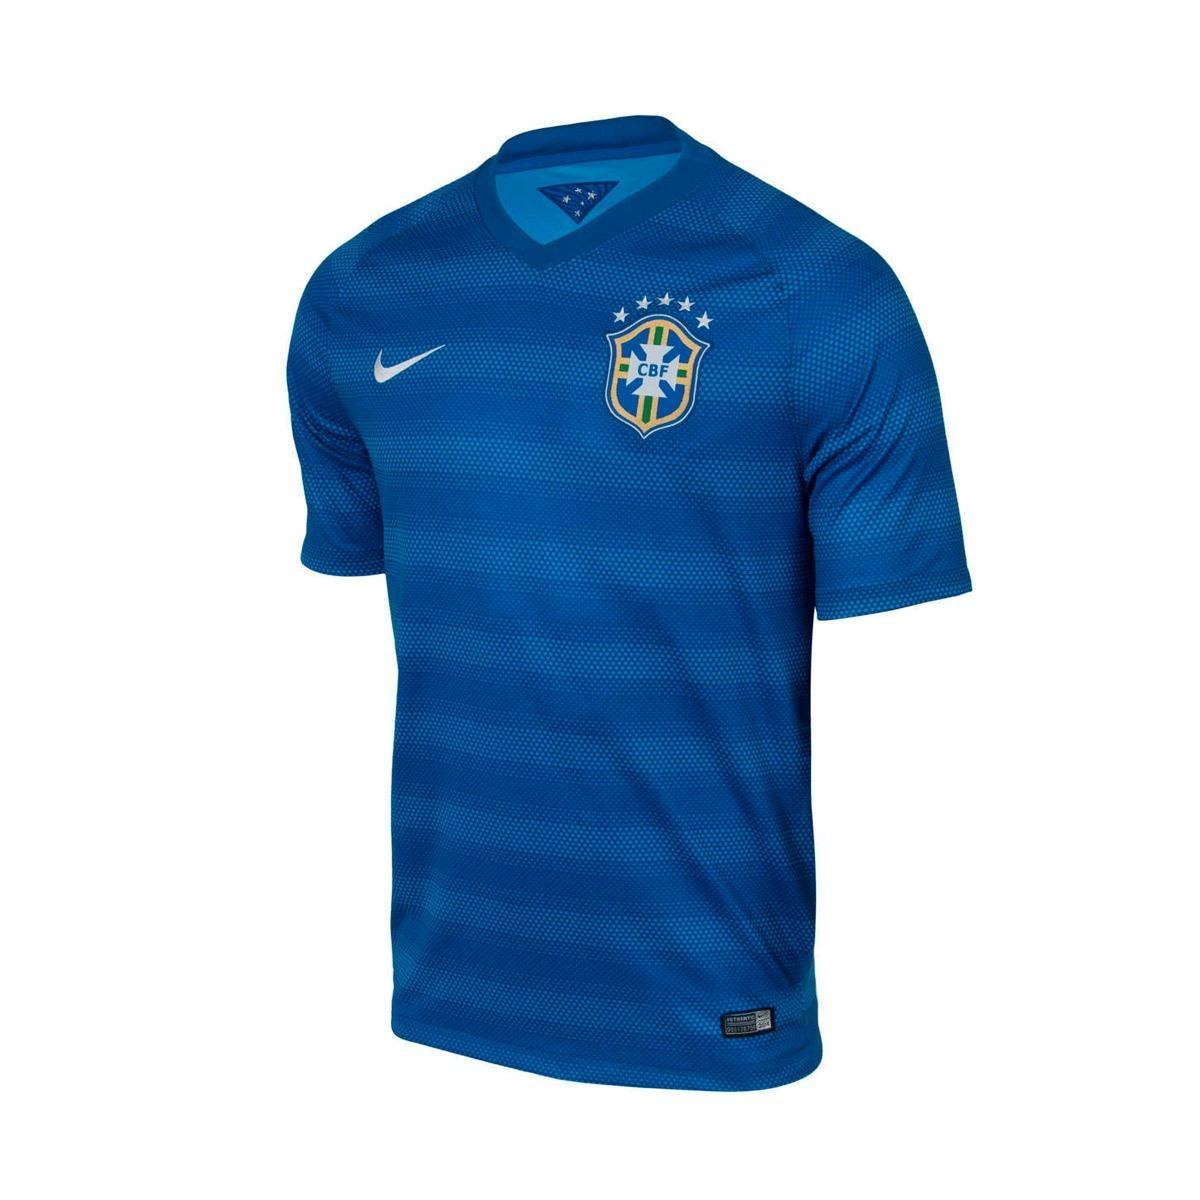 camisa nike cbf away azul 2014 torcedor g. Carregando zoom. cbc729a86f361